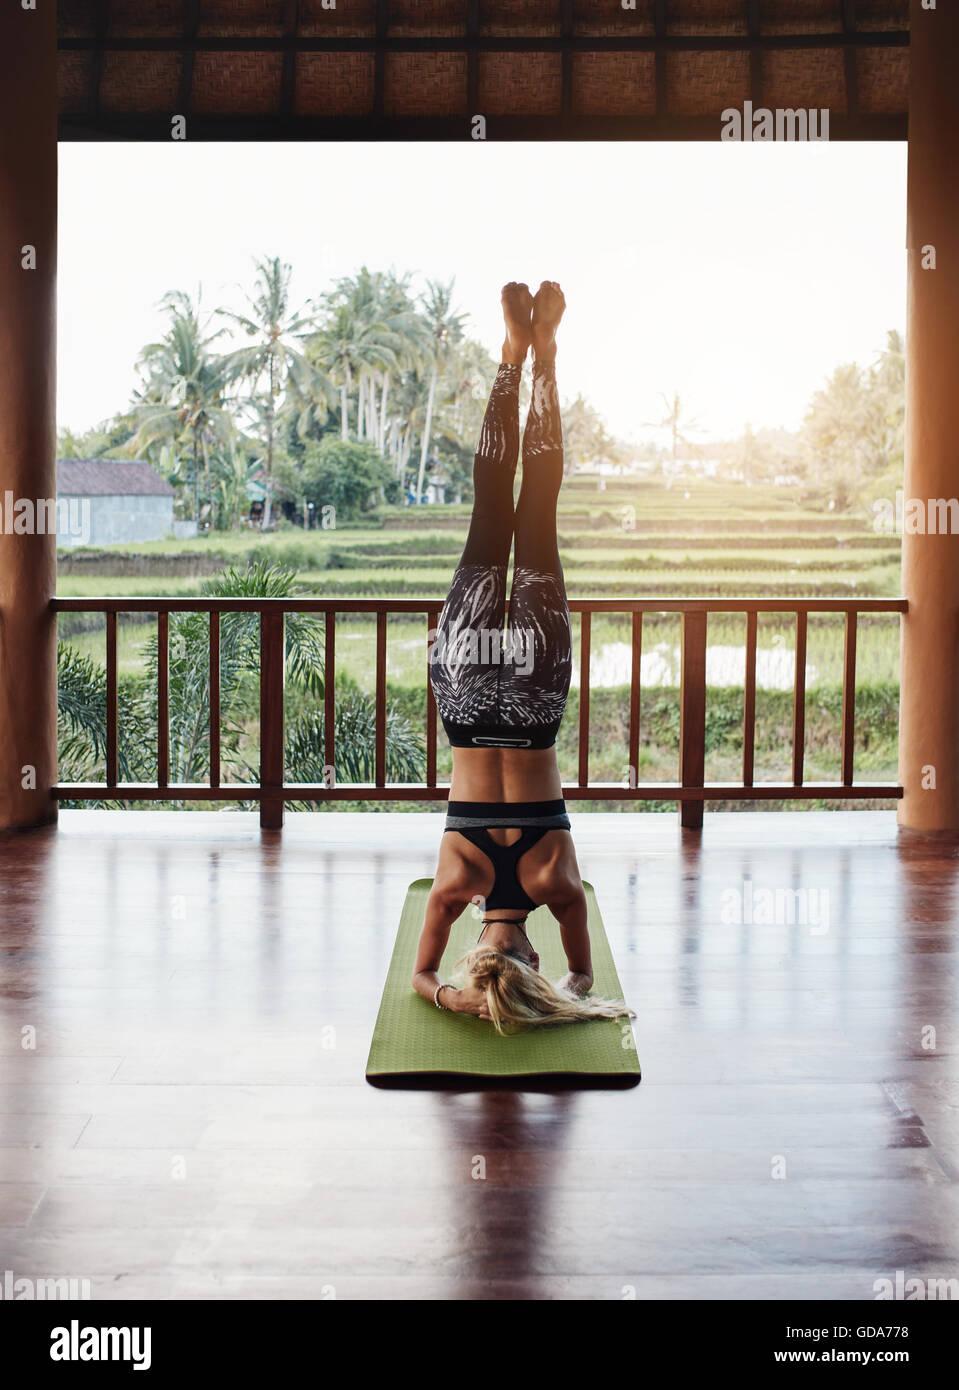 Vista trasera foto de mujer deportiva haciendo compatible hacer el pino. Sirsasana yoga entrenar en el fitness mat Imagen De Stock